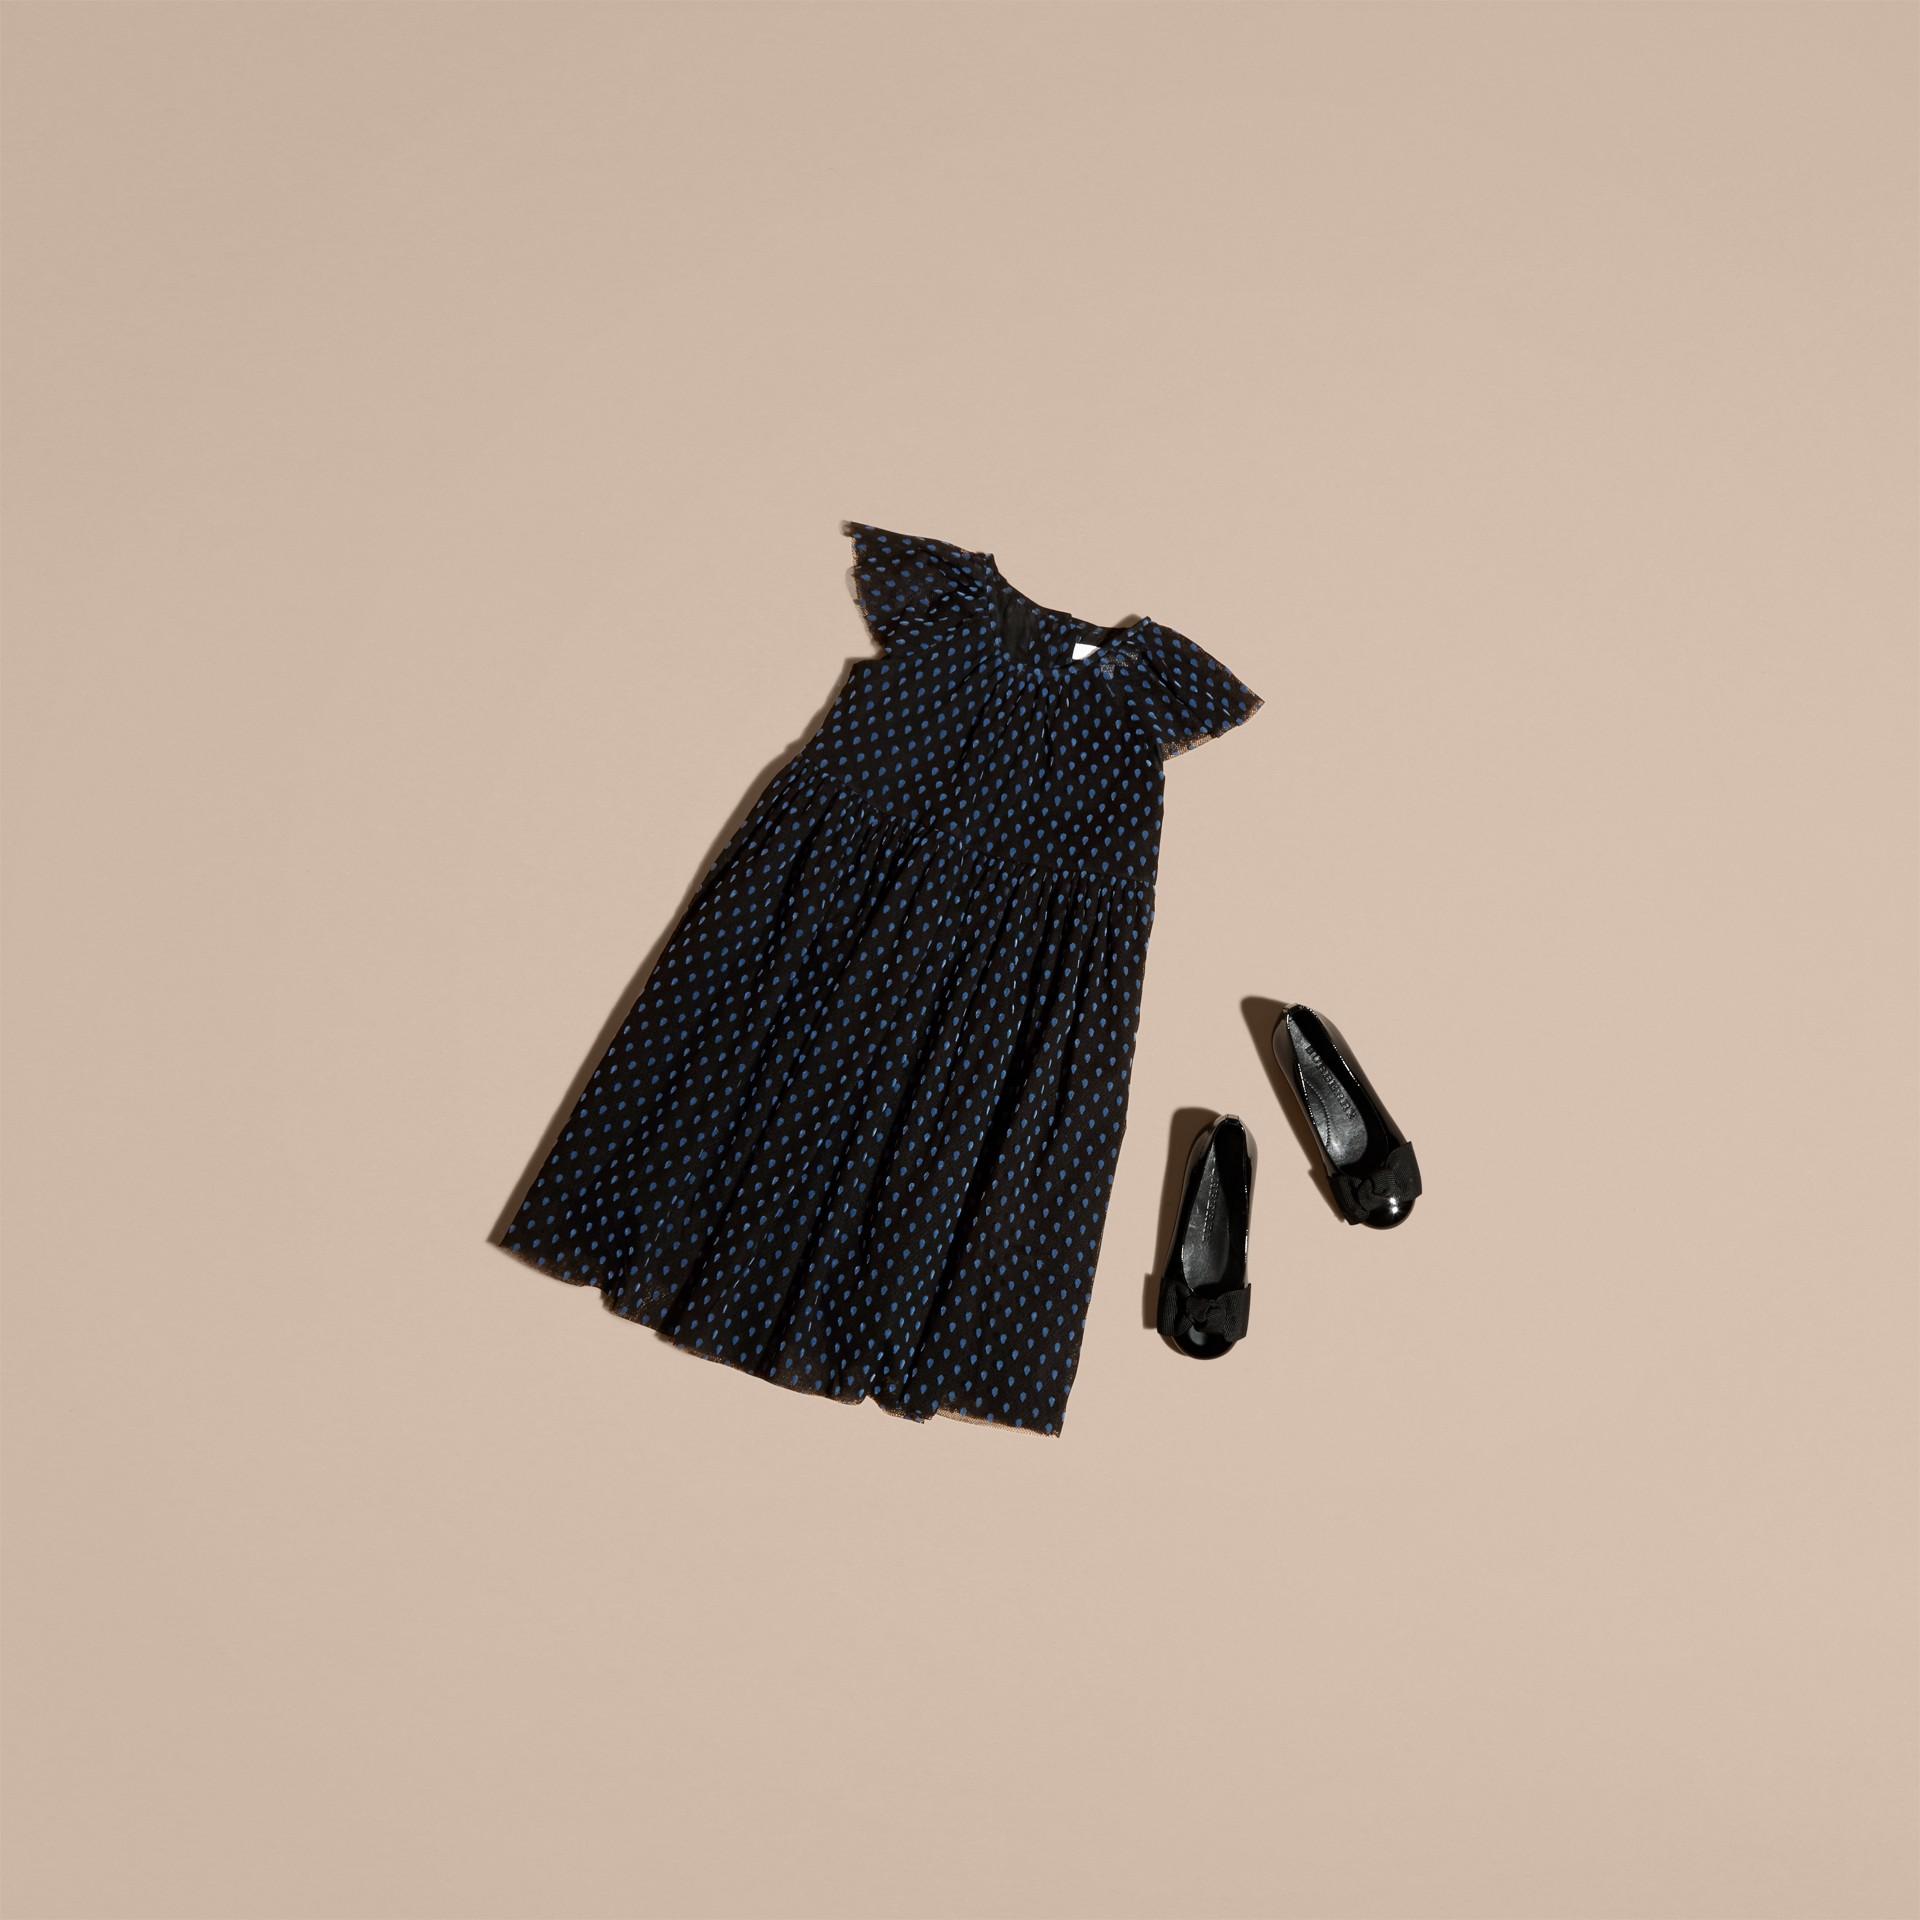 Negro Vestido de tul de algodón plisado con detalles aterciopelados - imagen de la galería 3